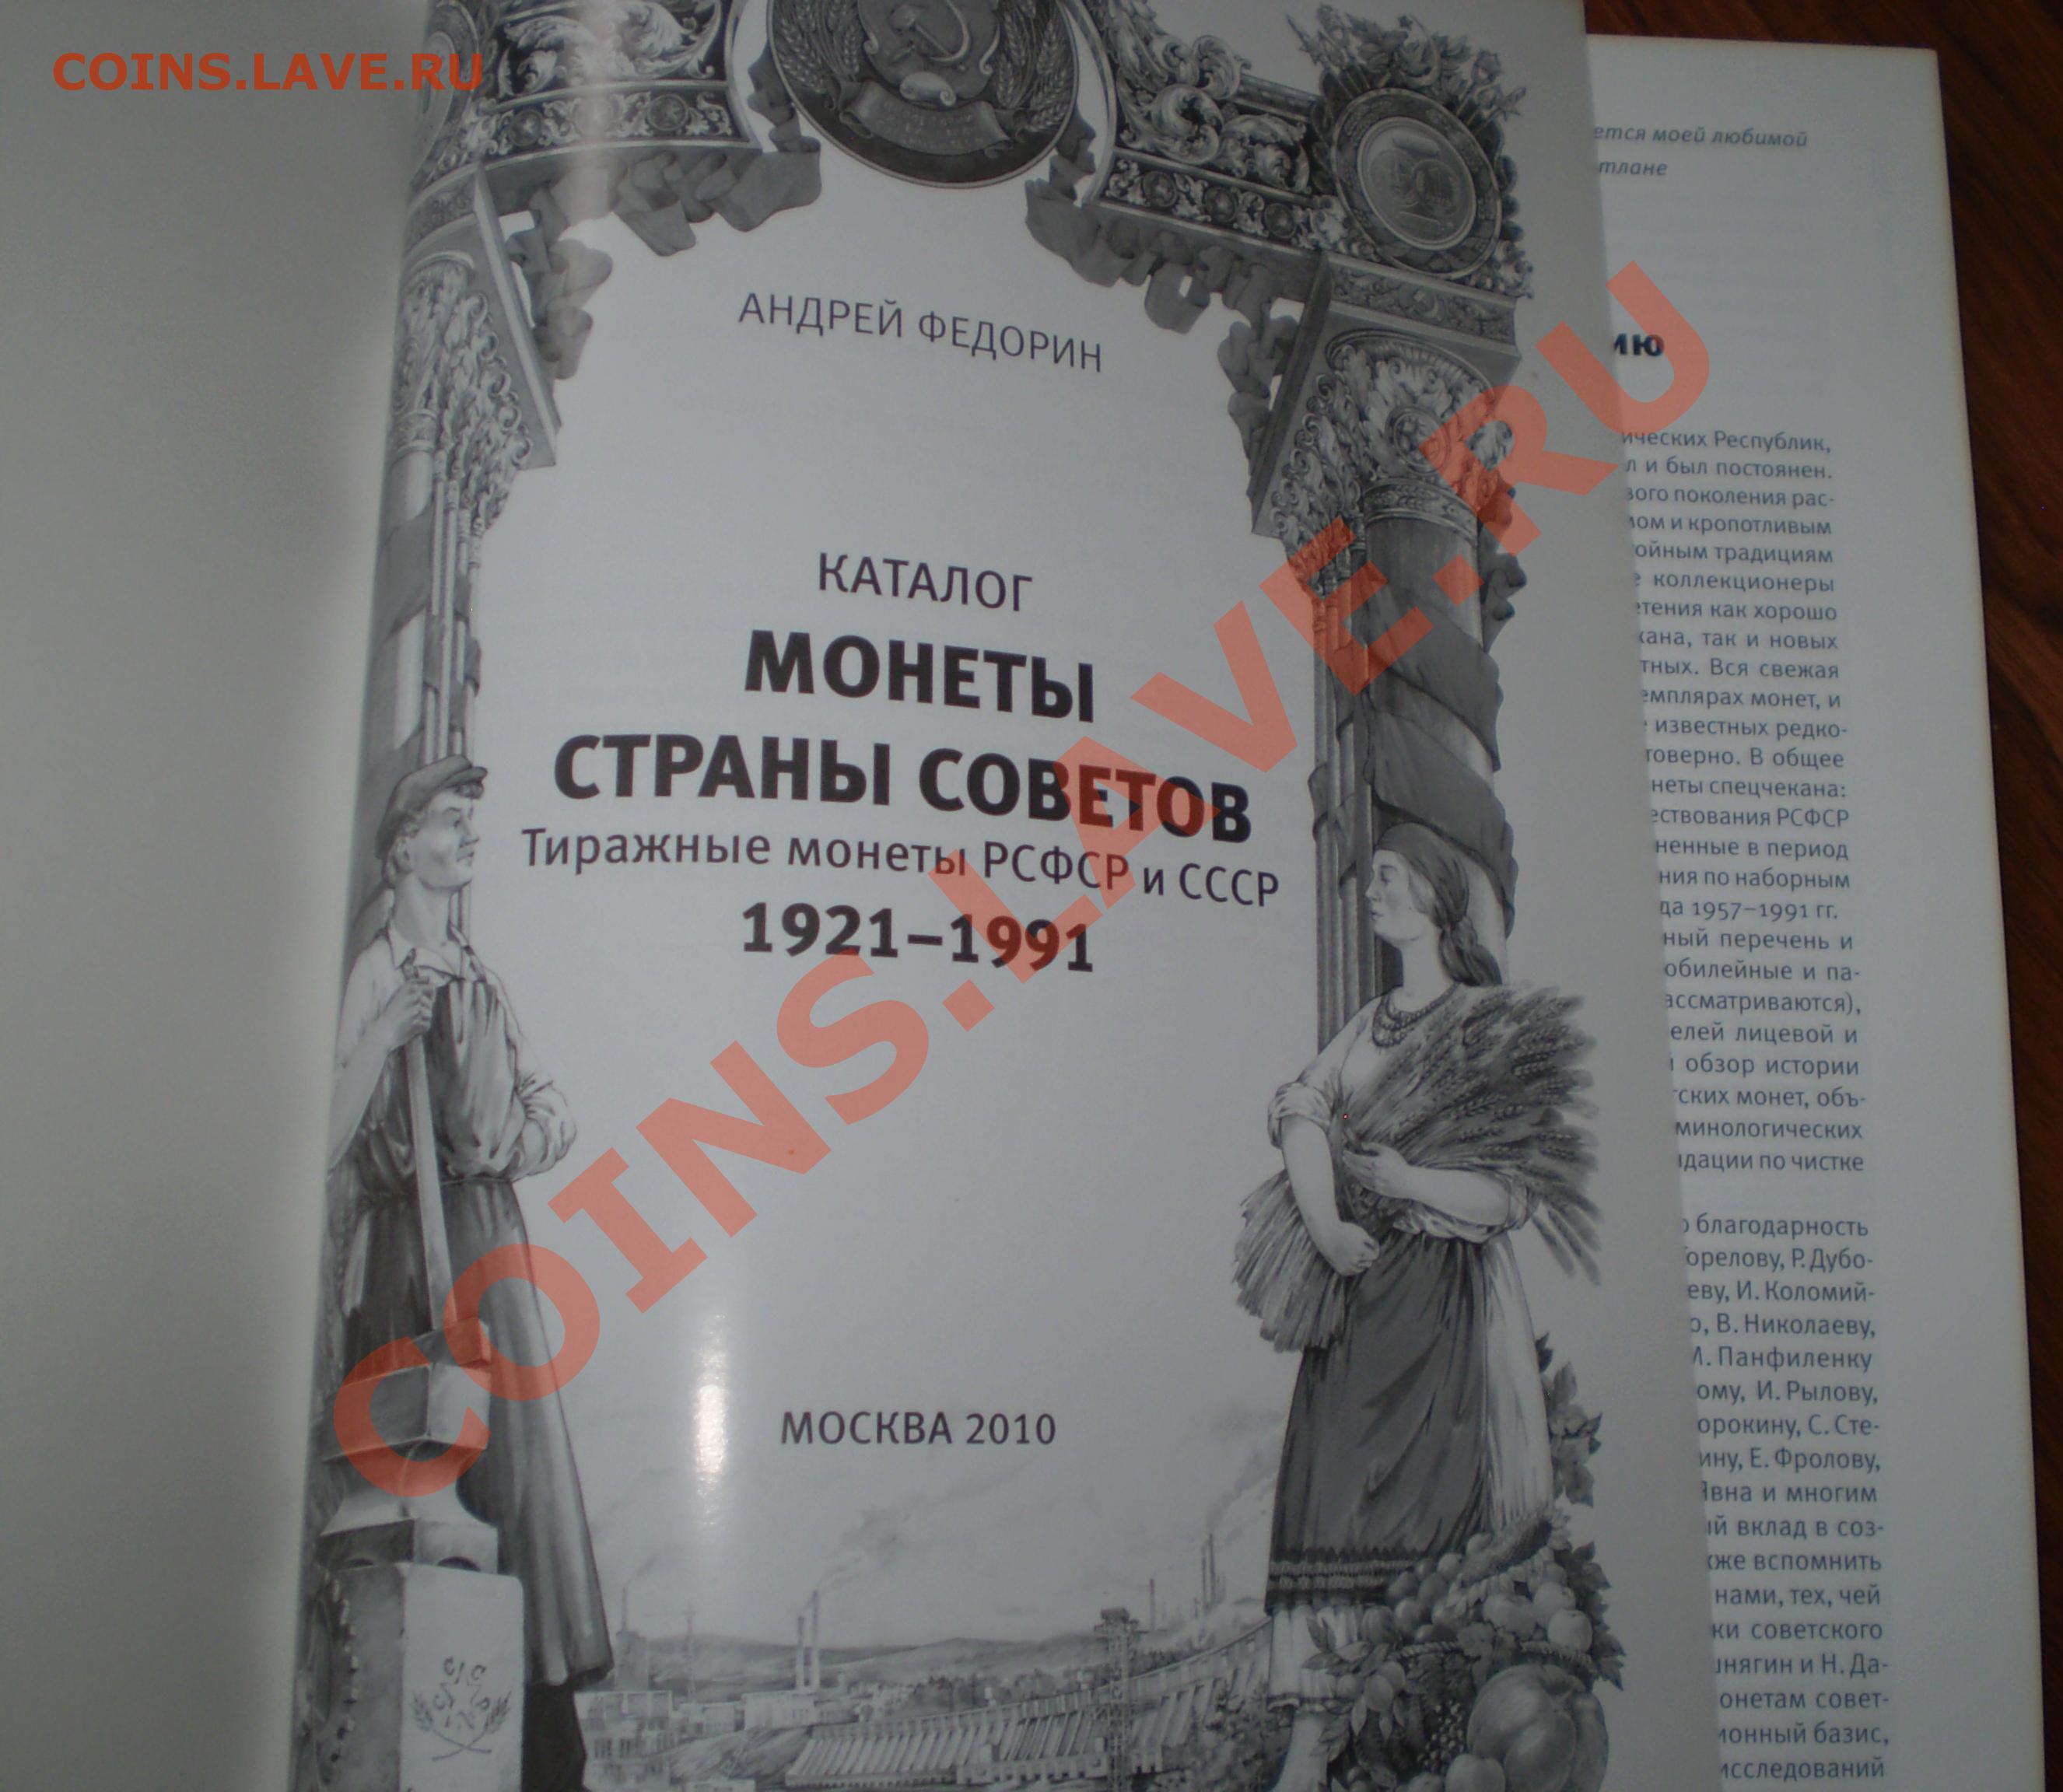 КАТАЛОГ МОНЕТ ФЕДОРИНА 2010 СКАЧАТЬ БЕСПЛАТНО